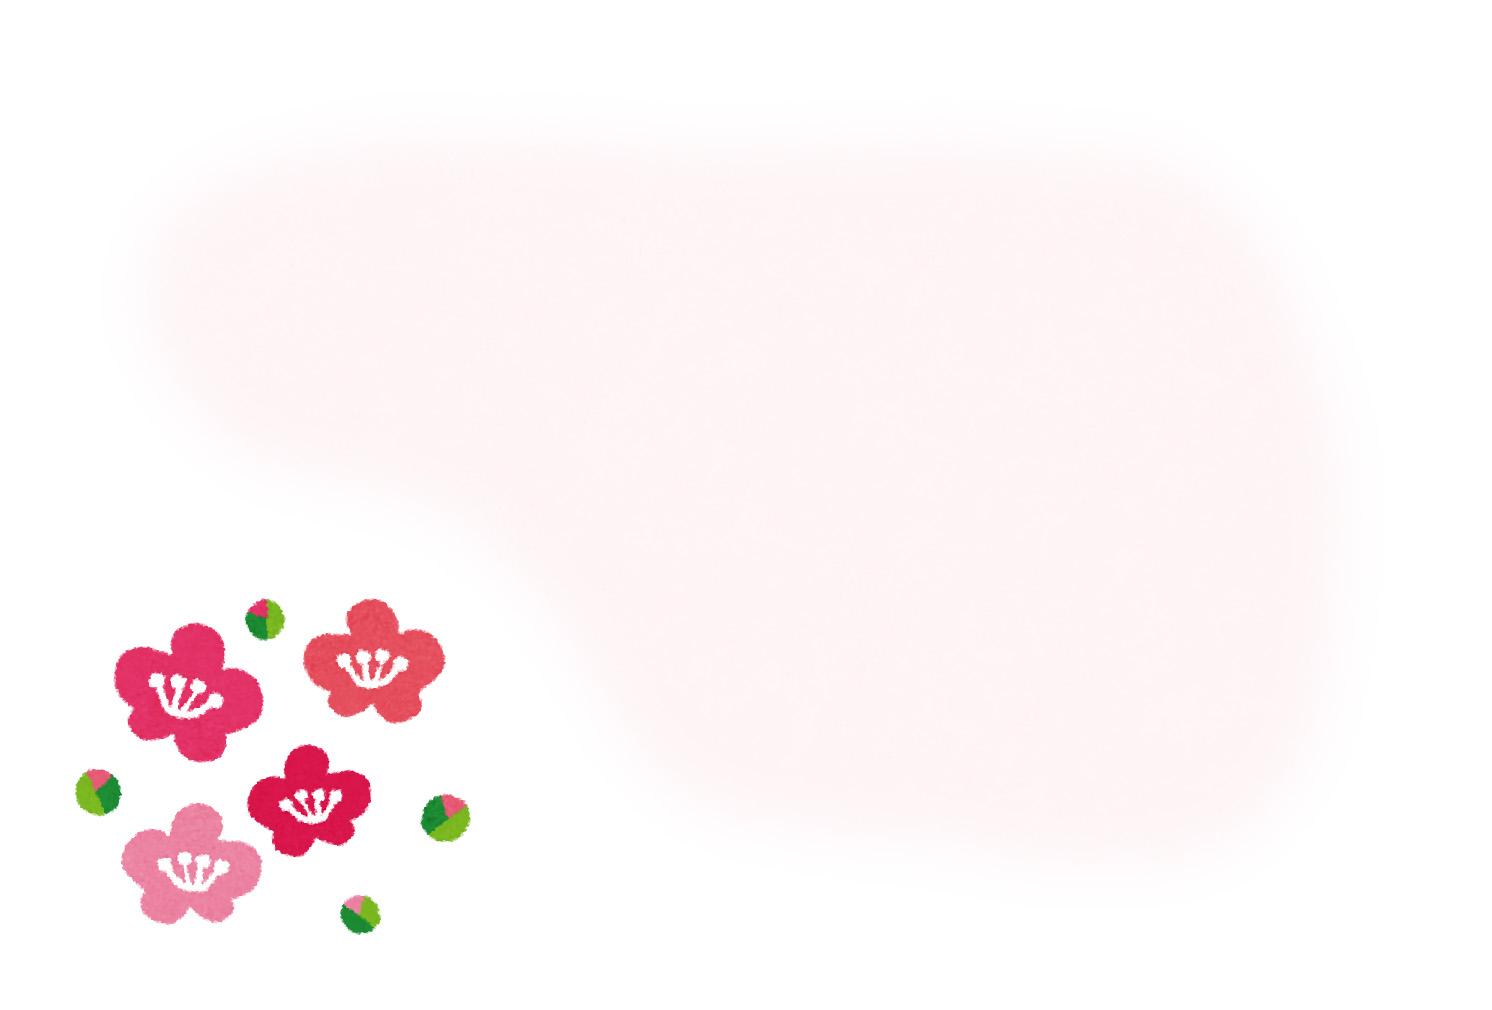 季節のはがきのテンプレート「1月 梅」 | かわいいフリー素材集 いらすとや